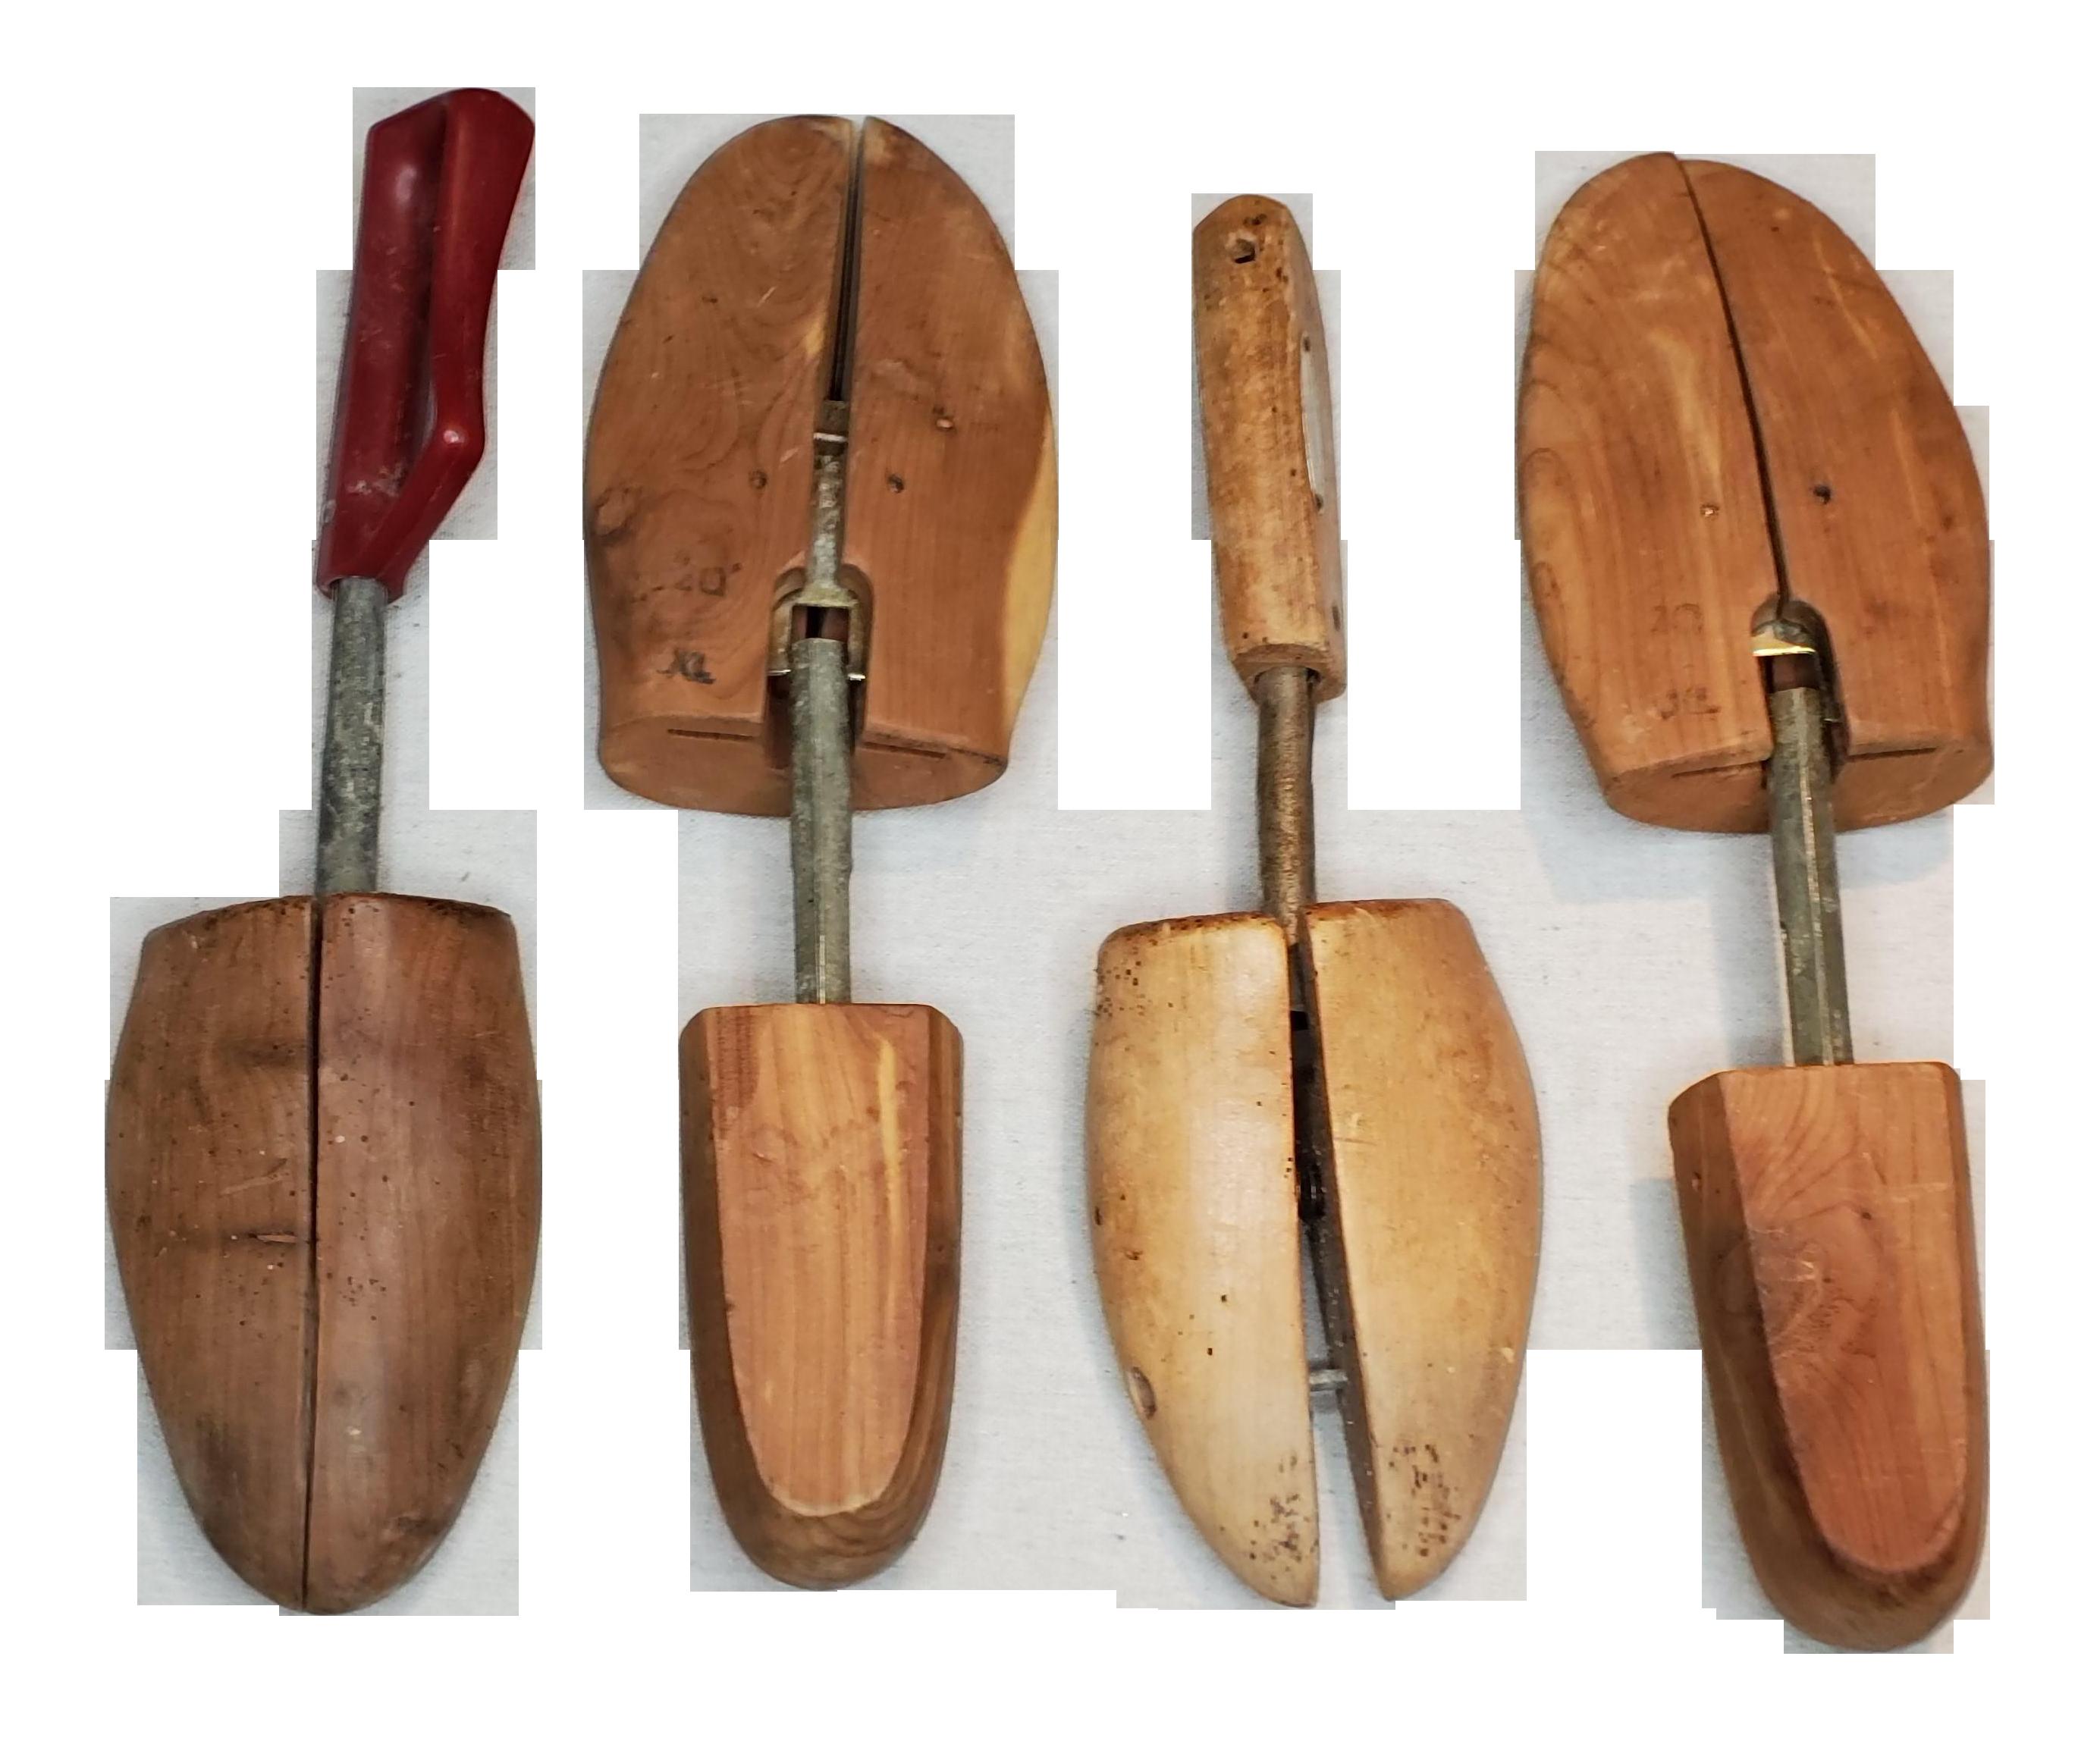 Vintage Wooden Set of Shoe Stretchers